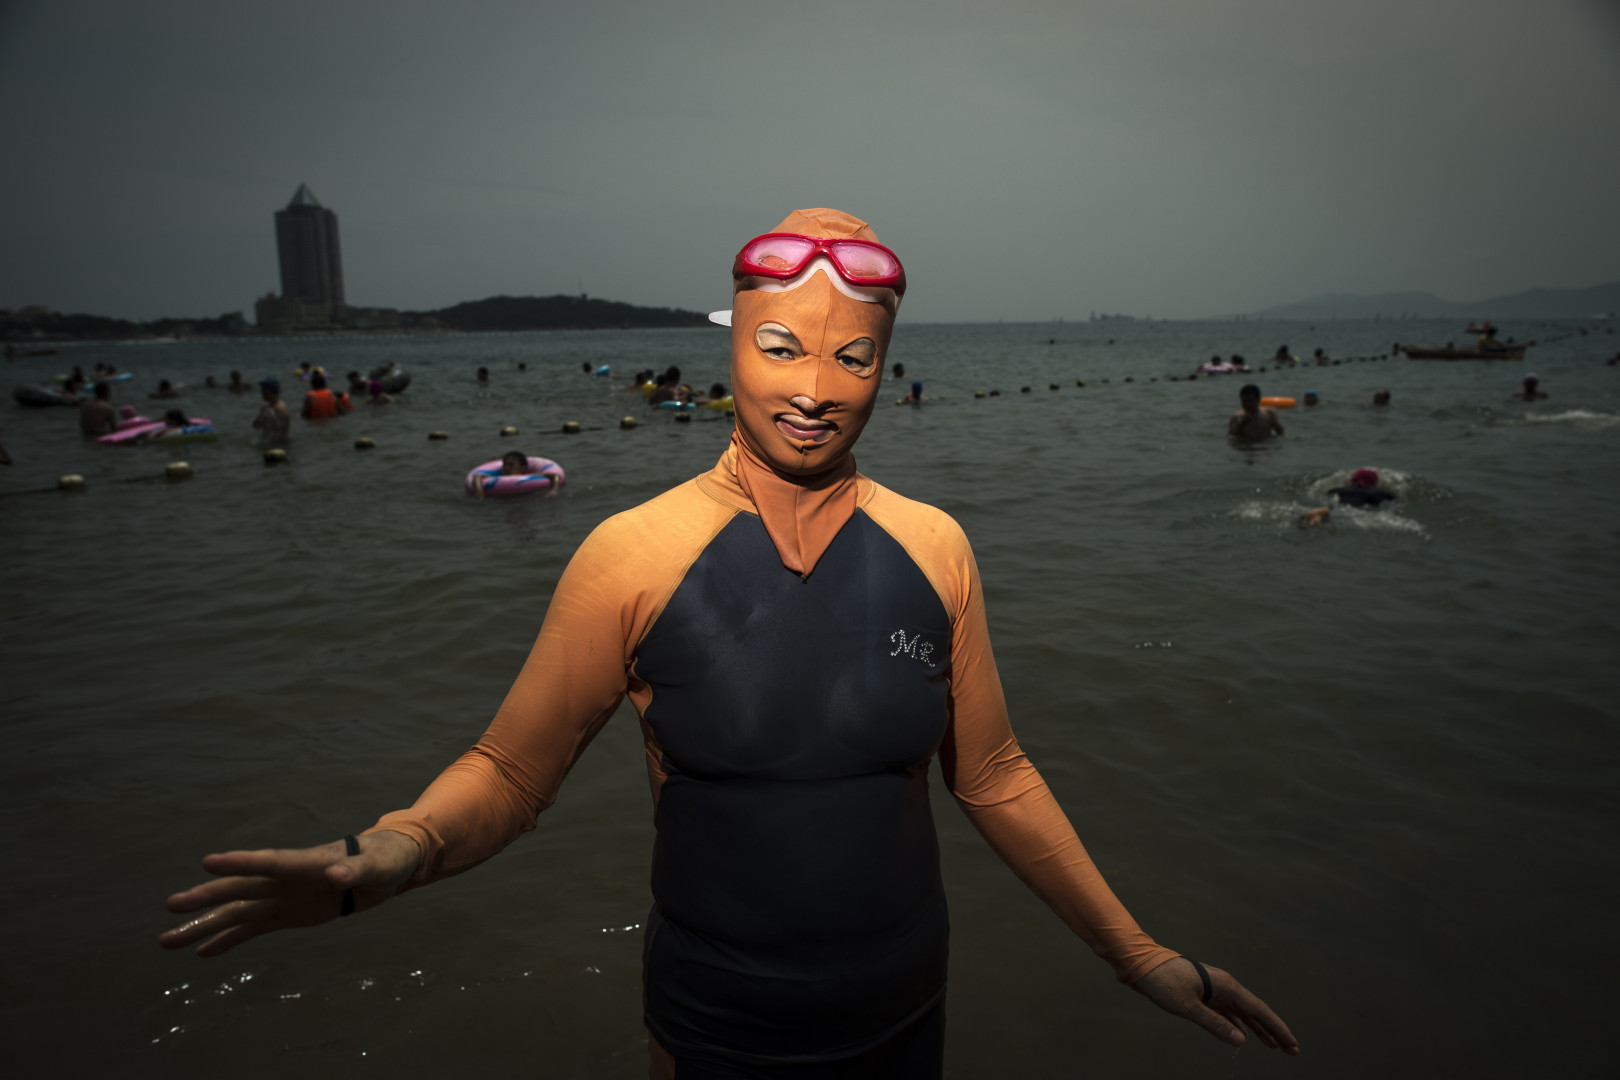 Une femme en face-kini sur une plage de Qingdao, le 24 juillet 2015.